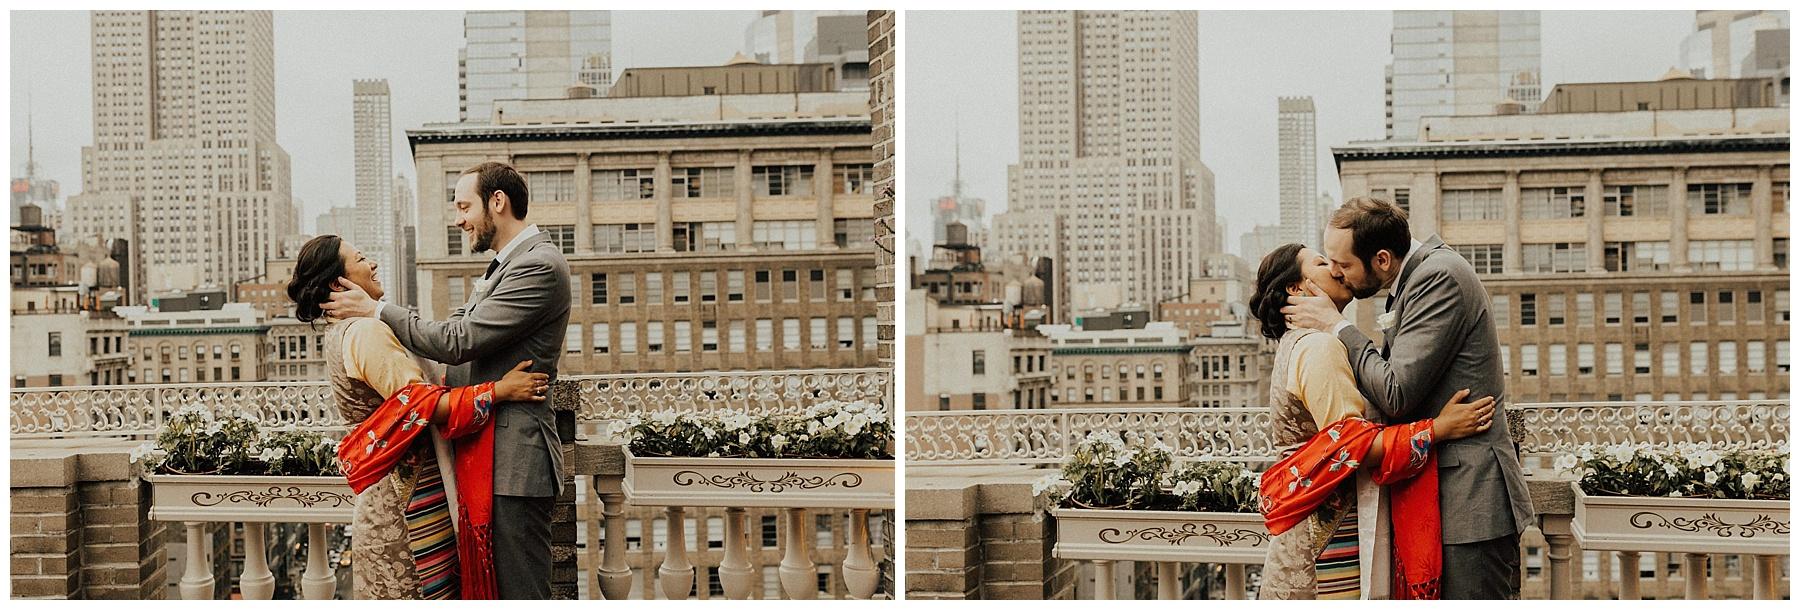 New York City Wedding New York City Wedding Photographer-132.jpg